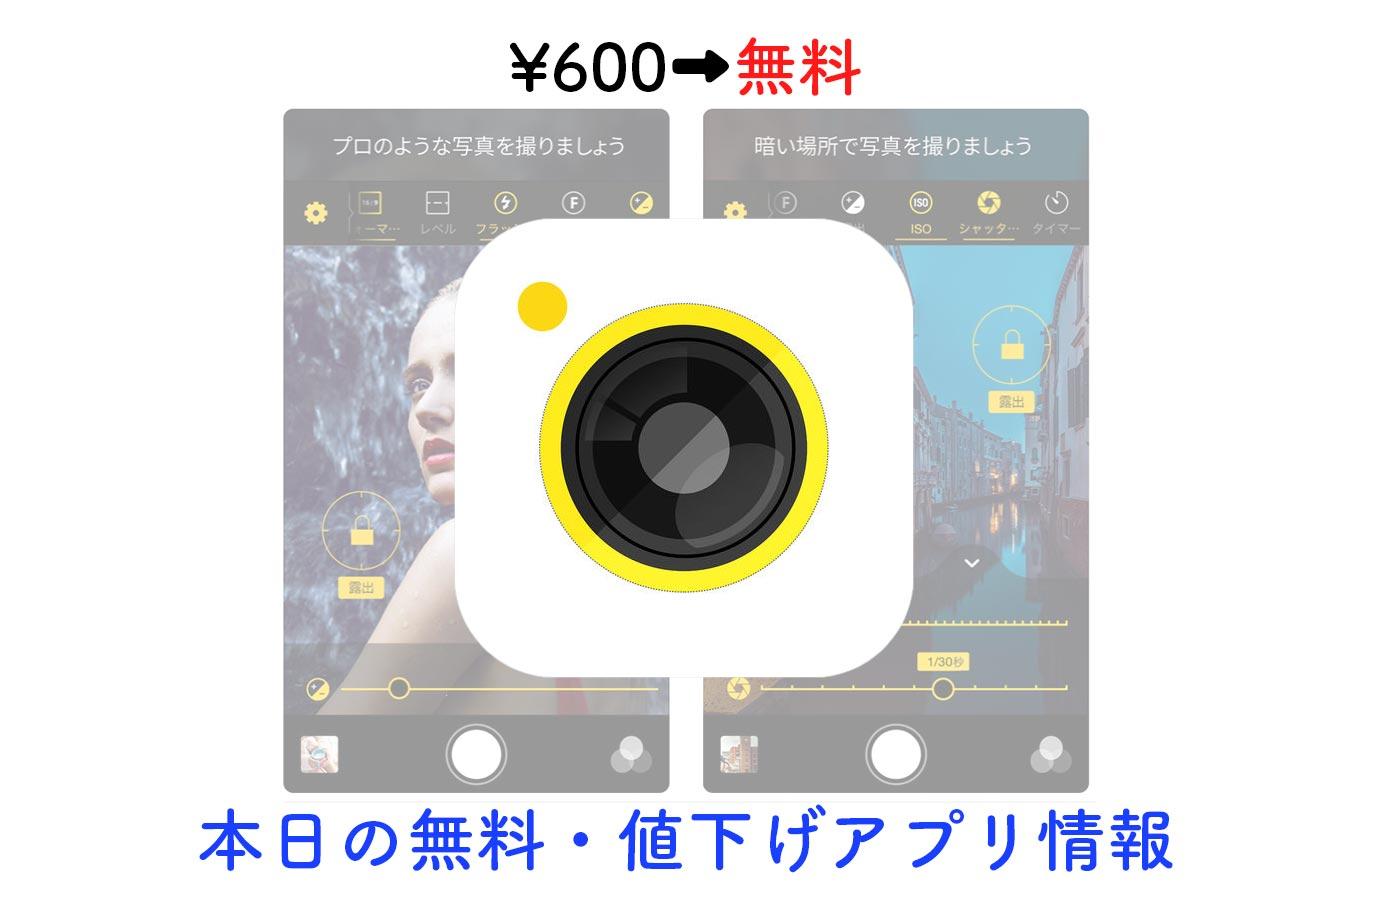 ¥600→無料、露出補正やピント調整などが使いやすいマニュアルカメラ「Warmlight」など【2/19】本日の無料・値下げアプリ情報